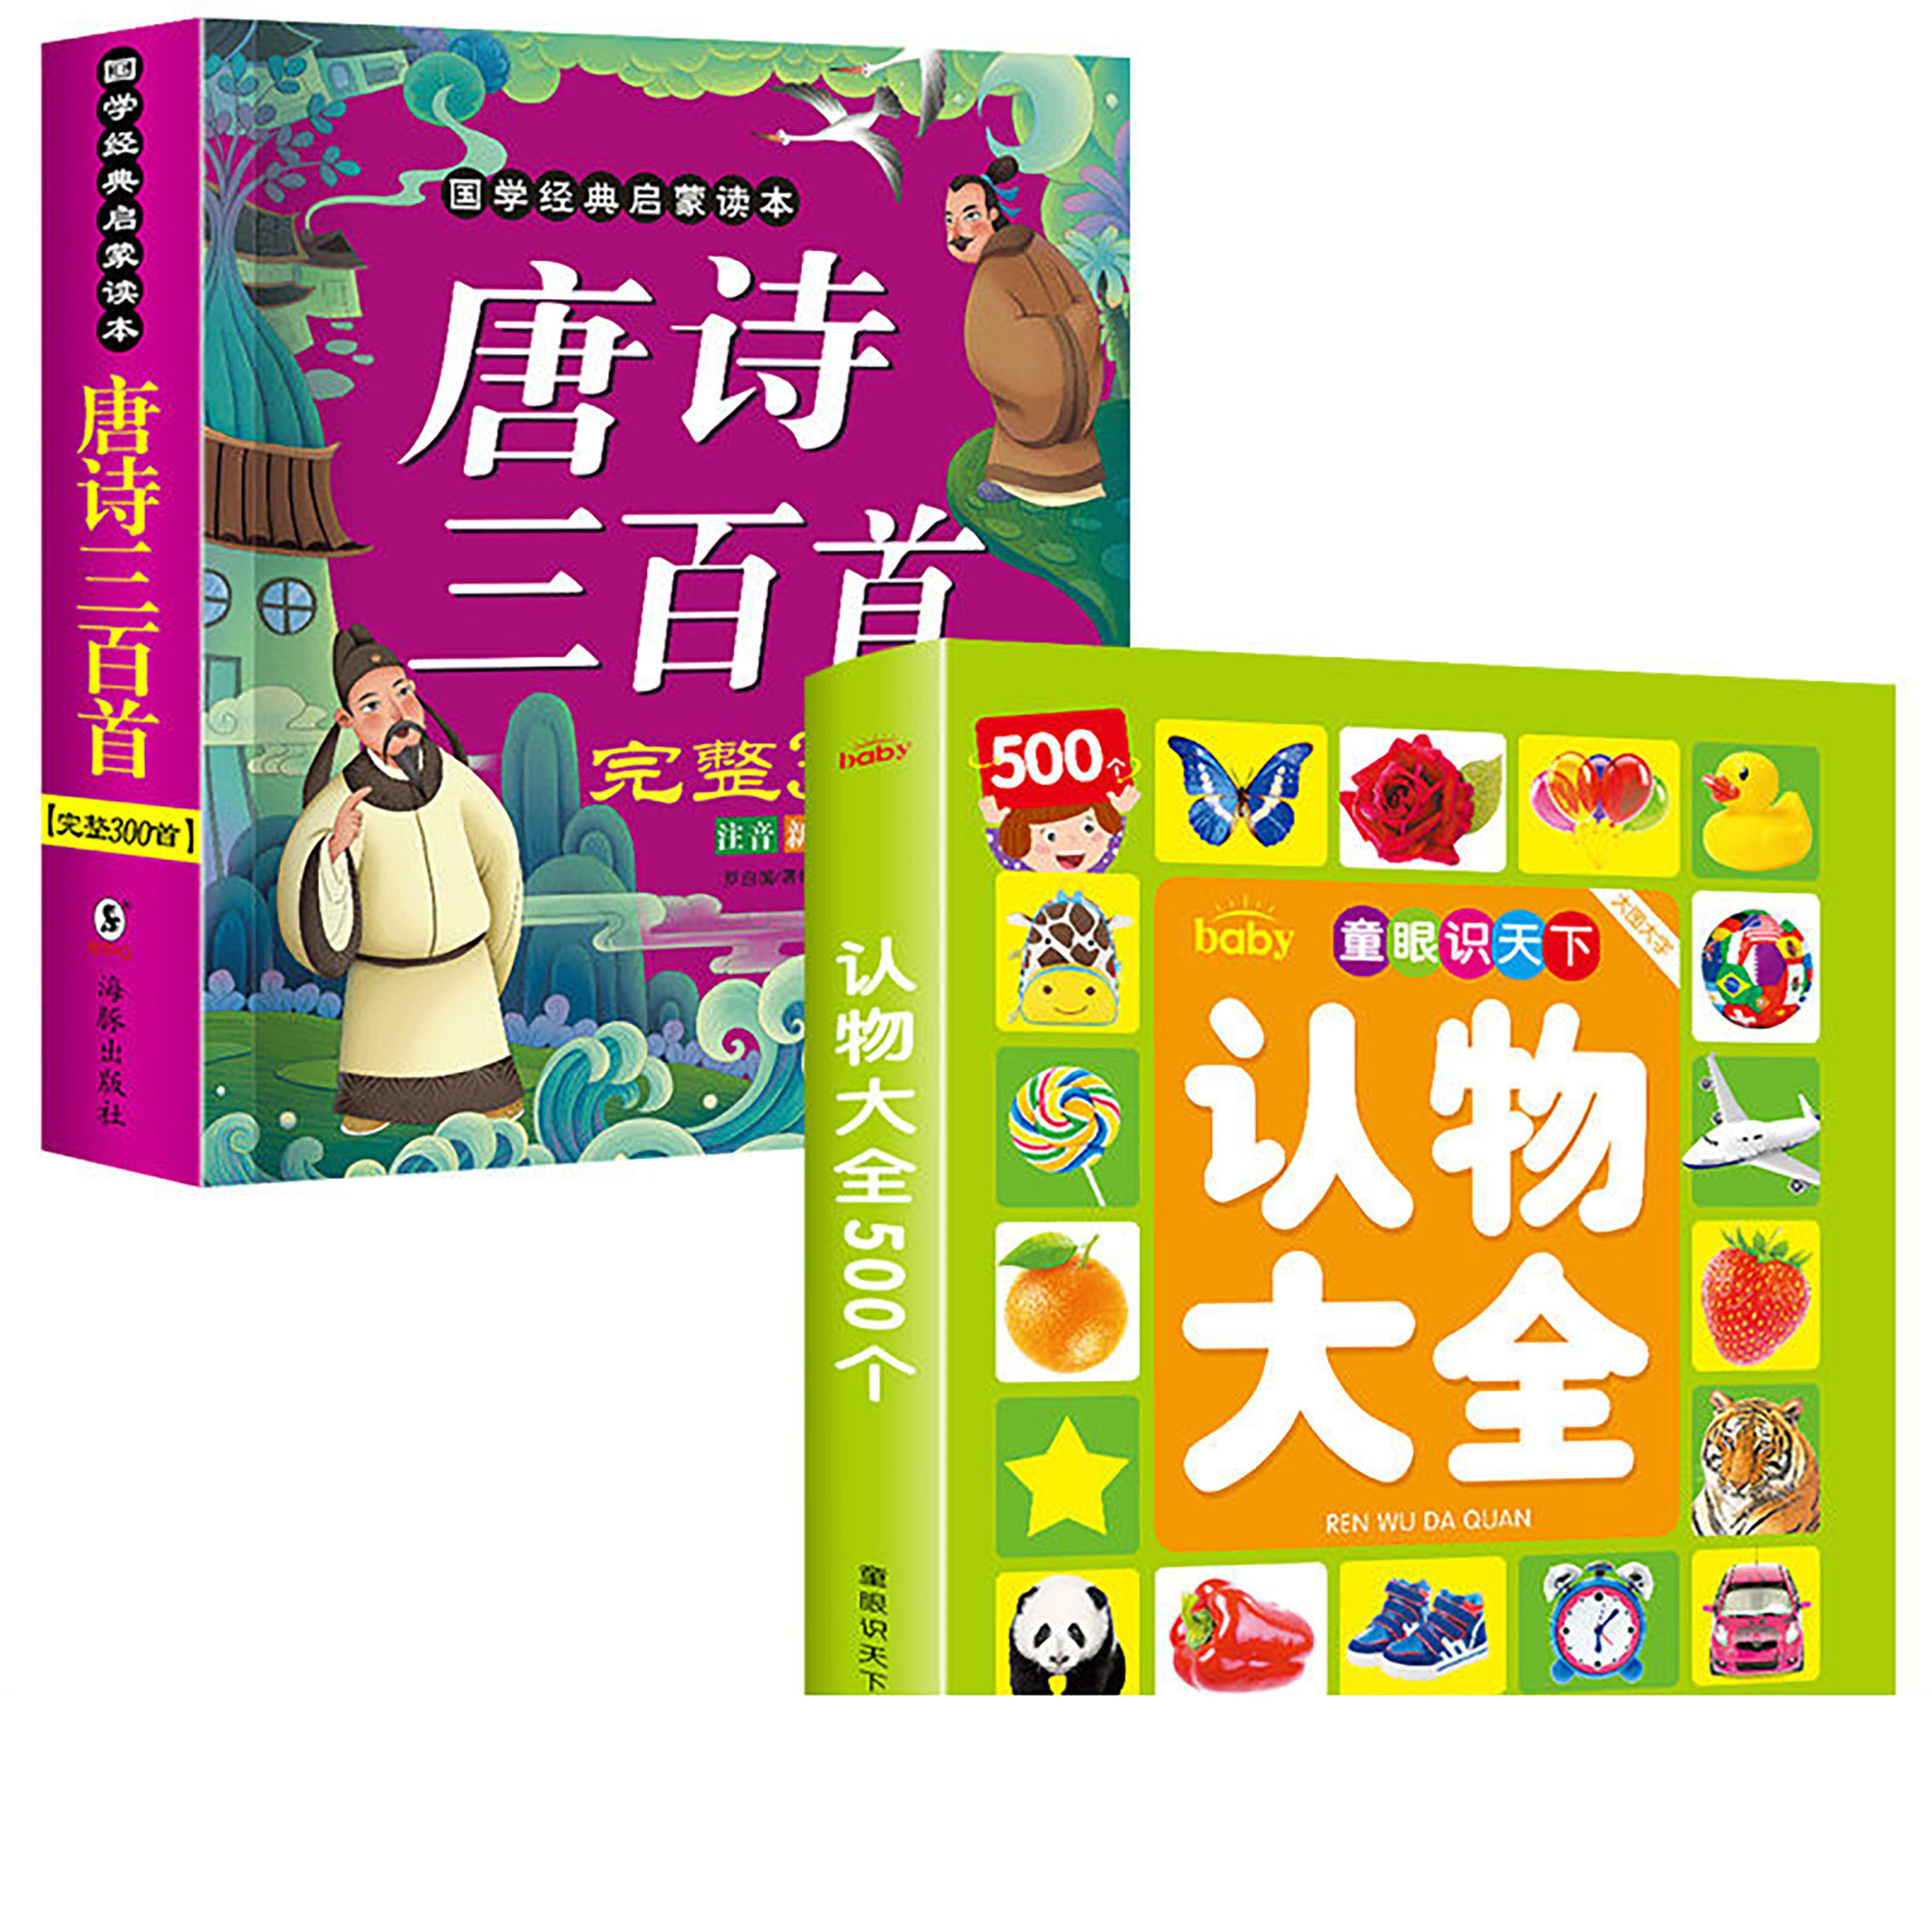 tarjetas-de-aprendizaje-temprano-para-ninos-tarjetas-cognitivas-para-ninos-pequenos-ver-imagen-reconocimiento-de-iluminacion-libros-educacion-de-conocimiento